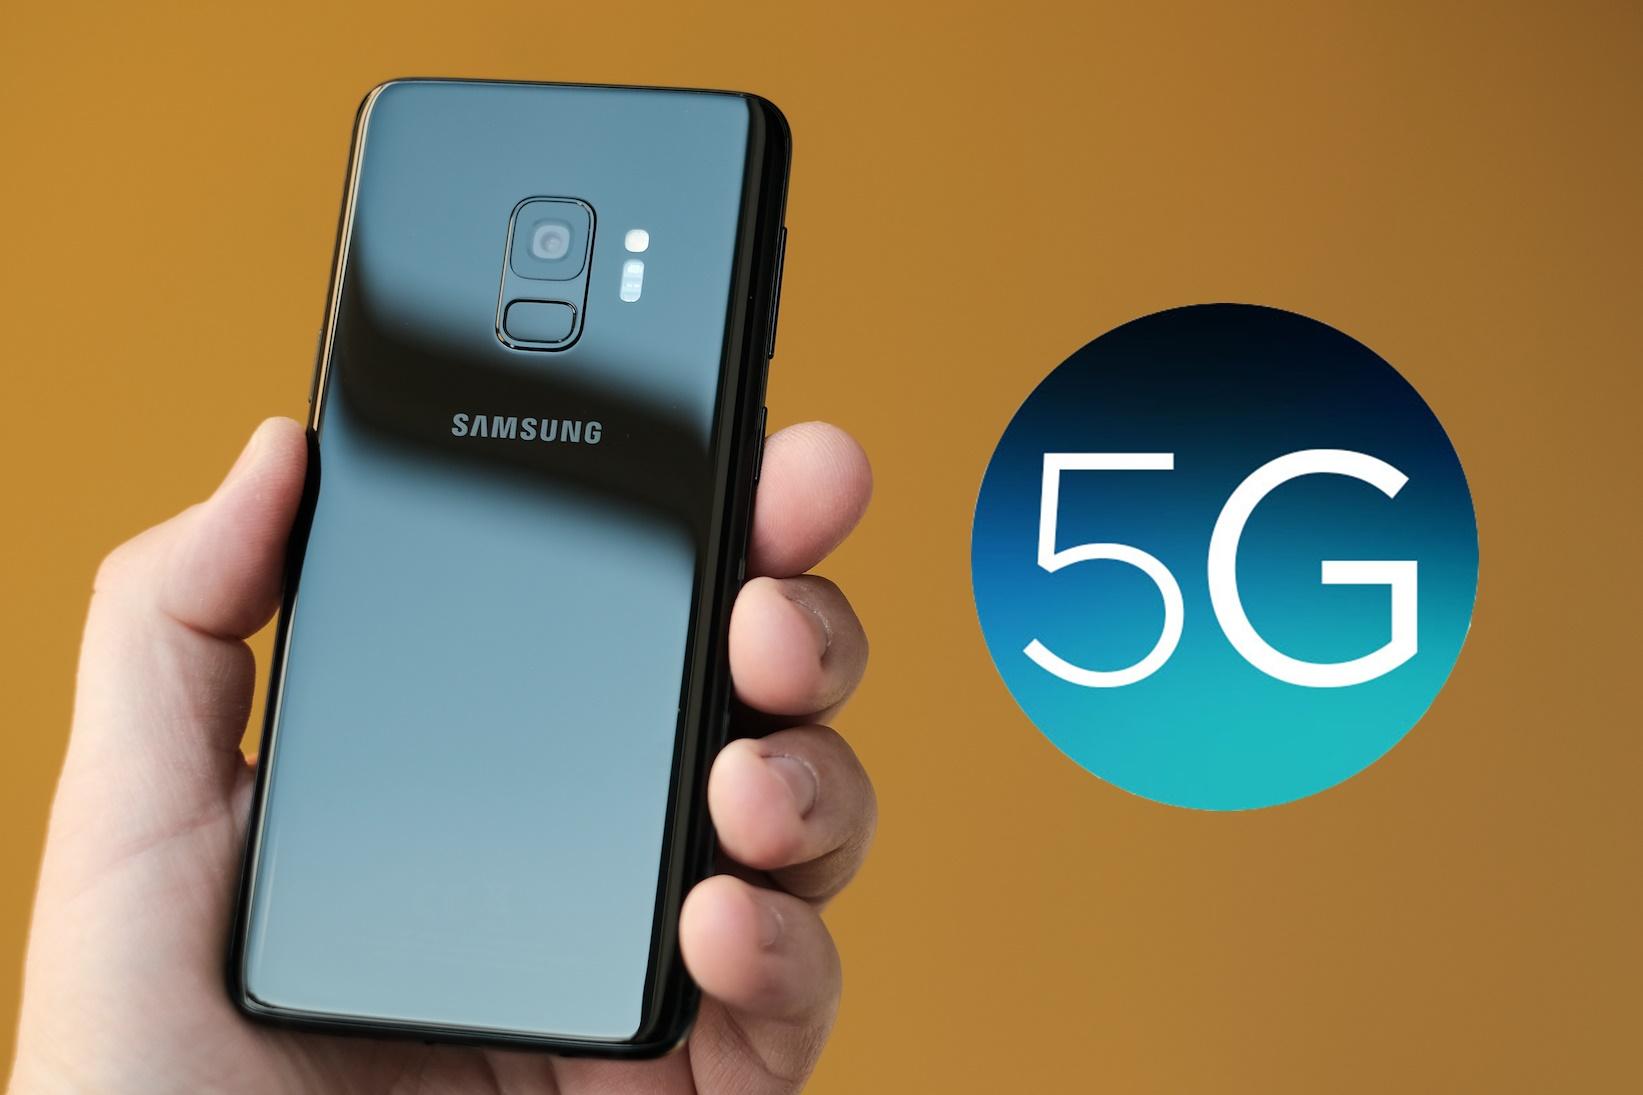 Imagem de Samsung vai lançar smartphone com 5G em 2019, mas não será o Galaxy S10 no tecmundo